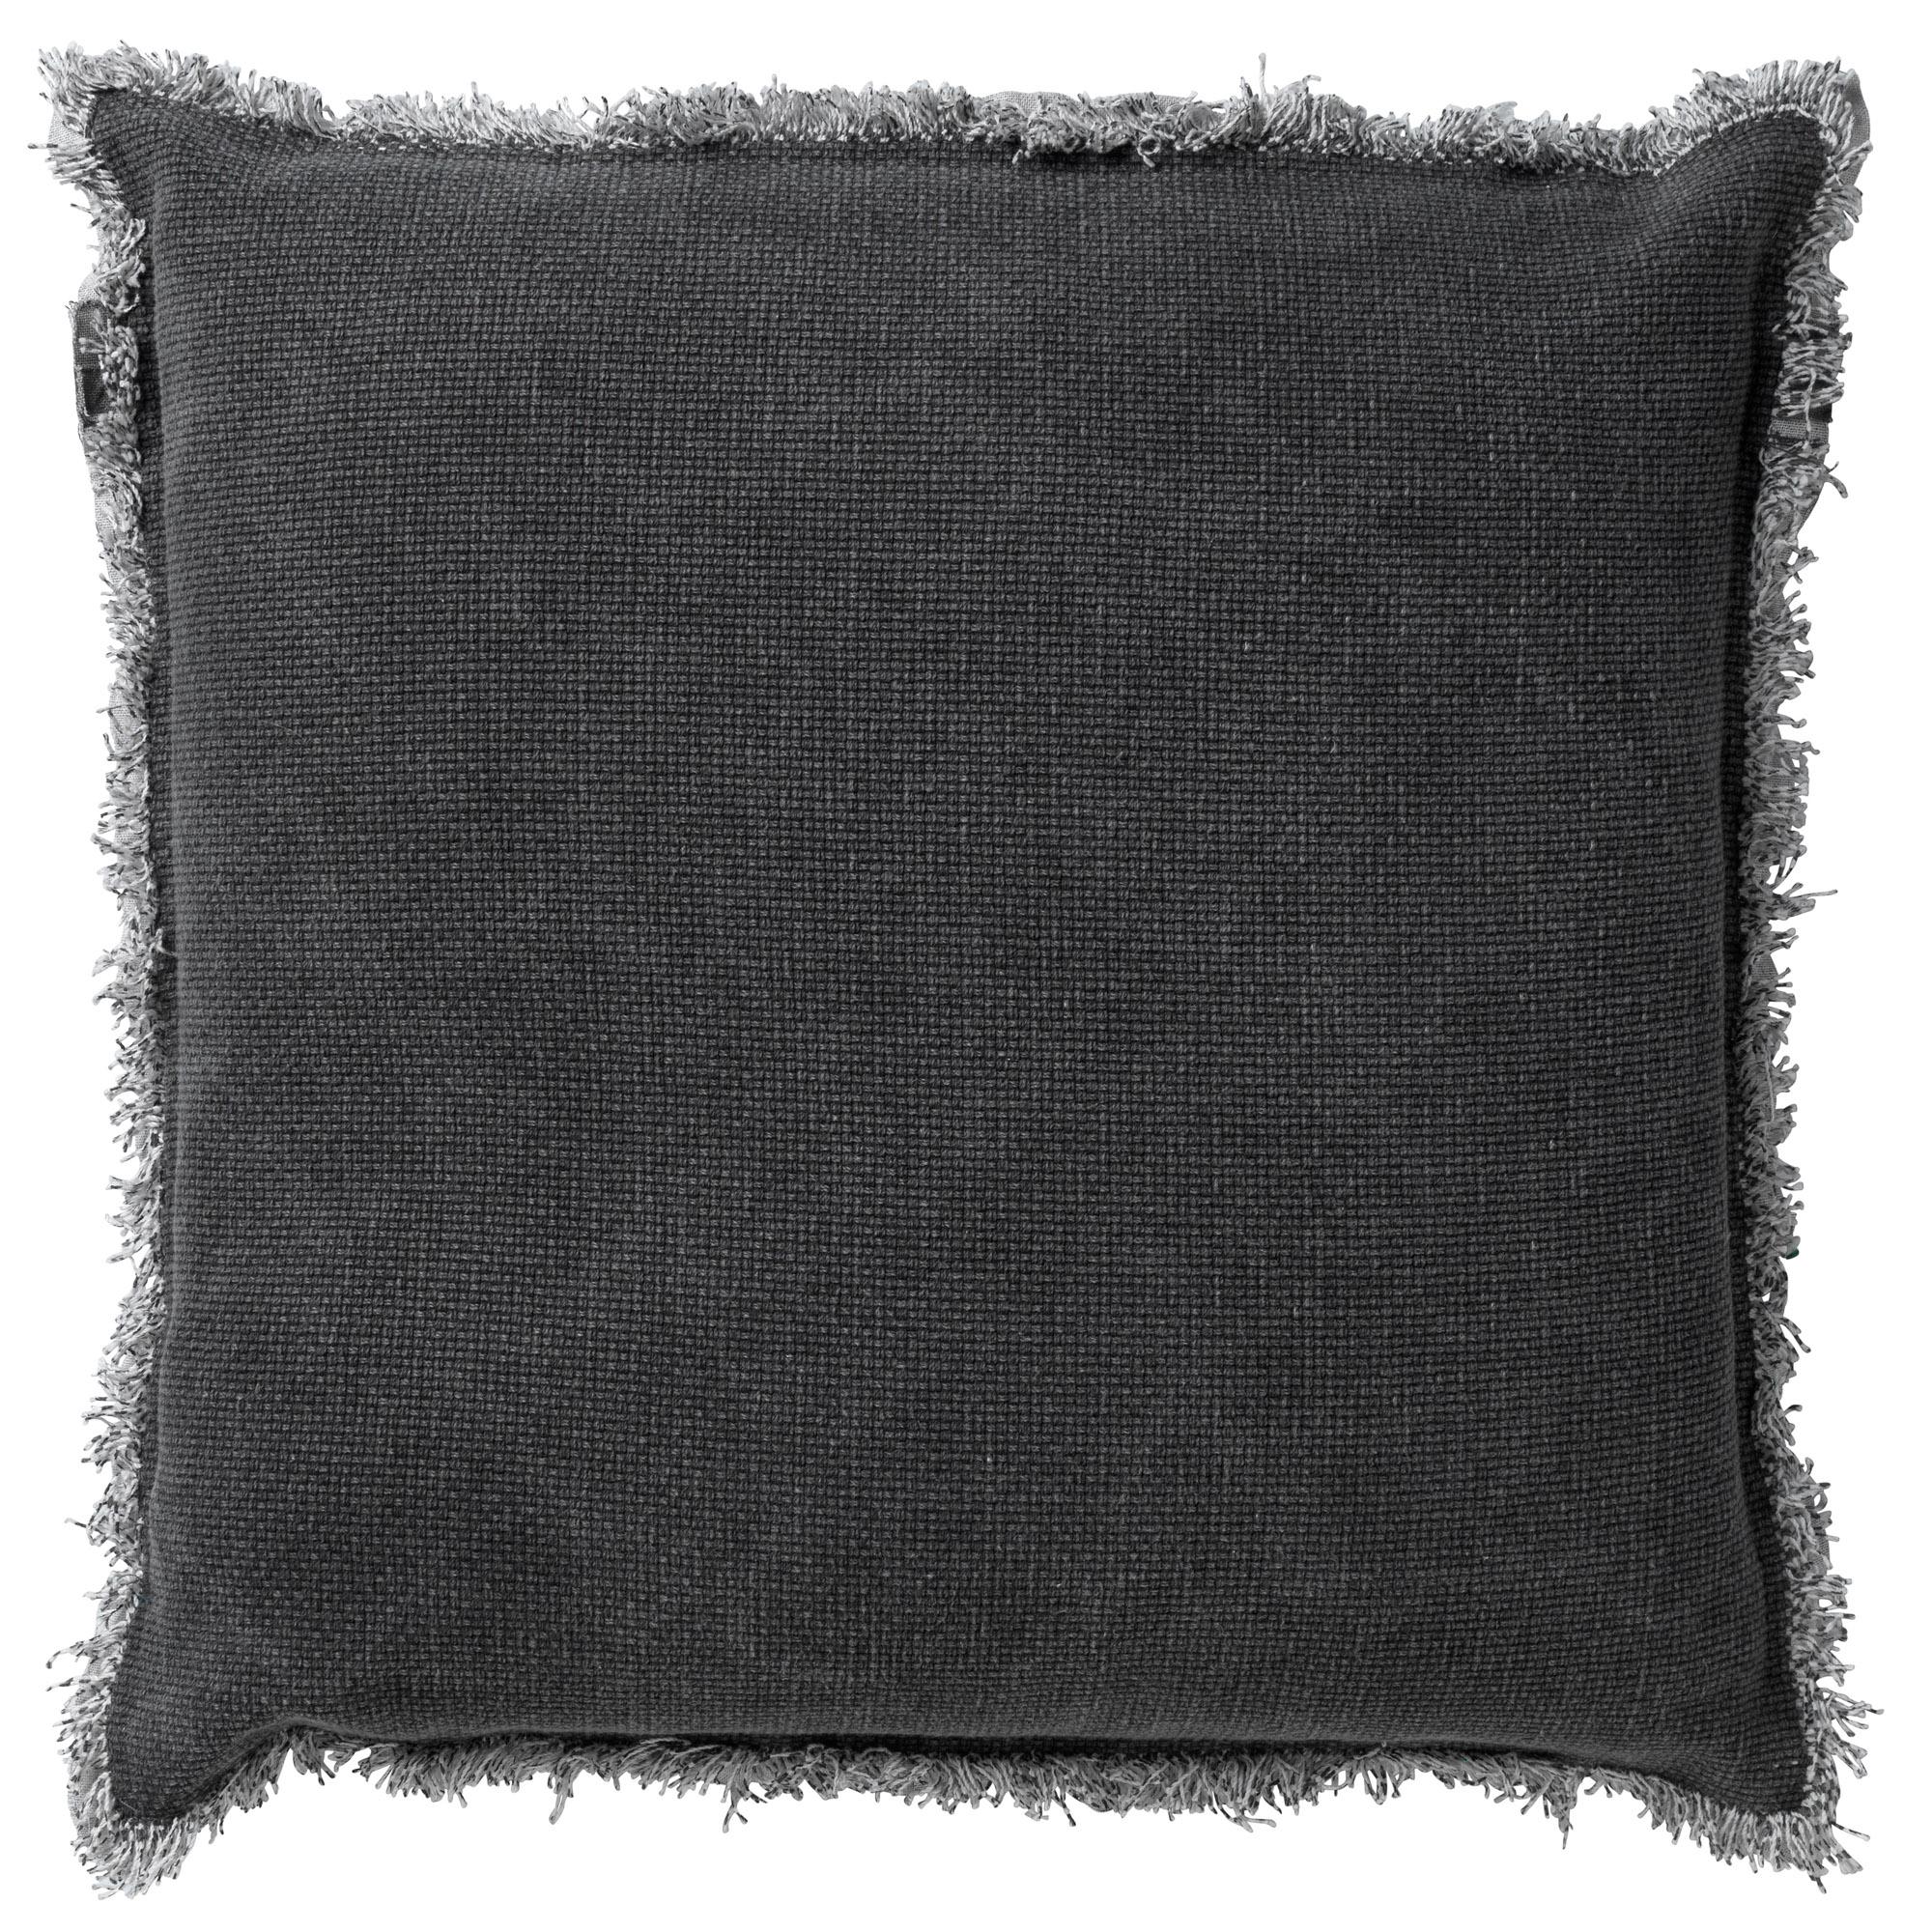 BURTO - Sierkussen van katoen Charcoal Gray 60x60 cm